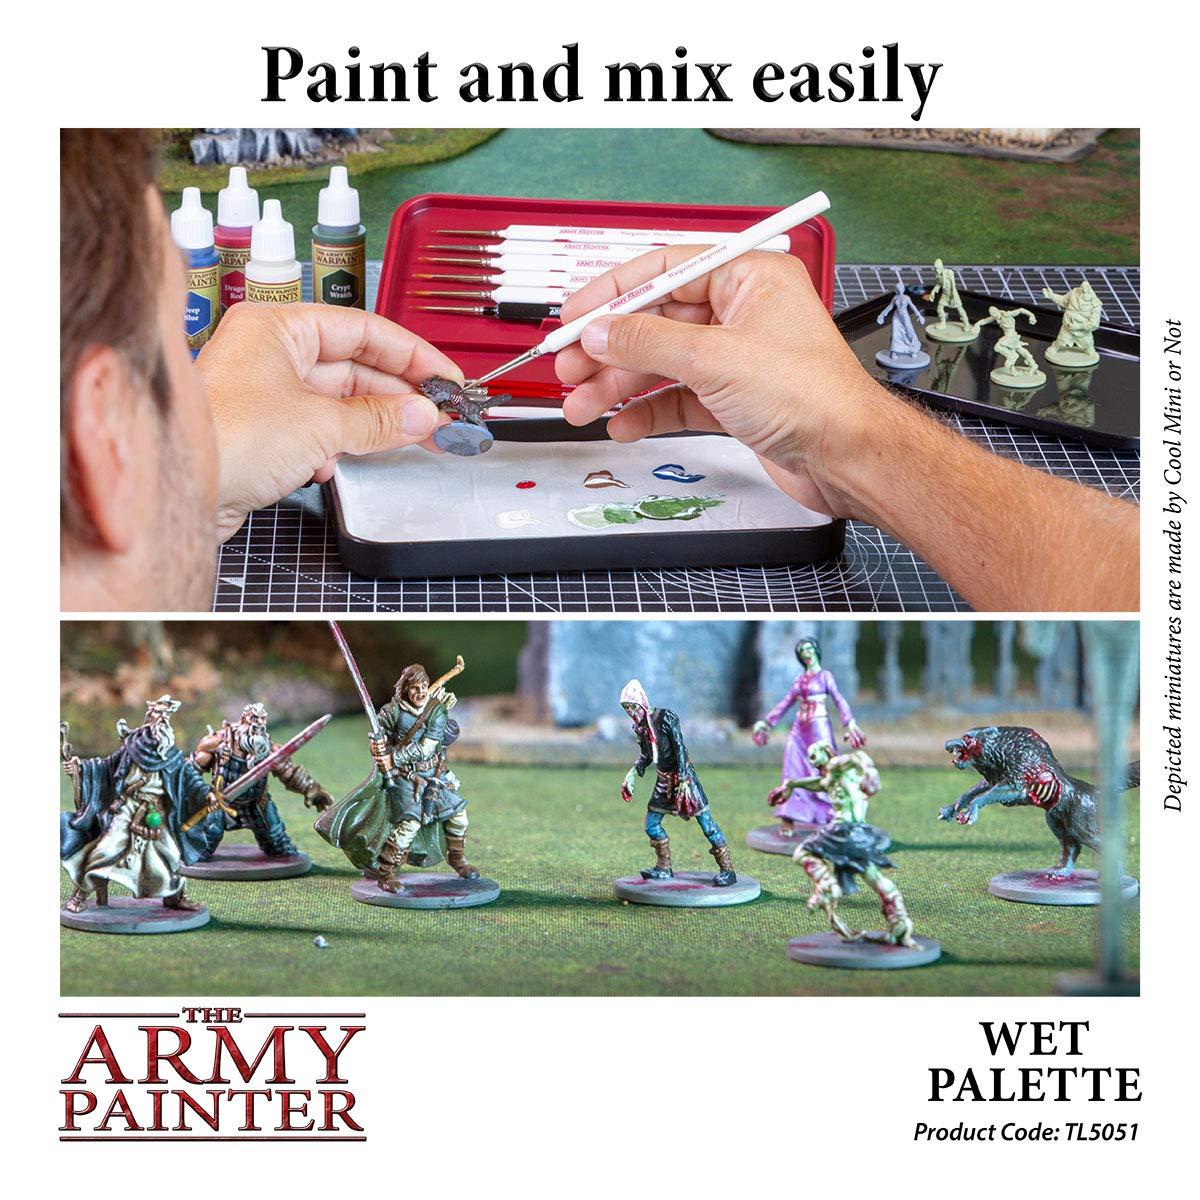 The Army Painter 🖌 | Paleta húmeda | Estuche Premium para Pinceles con 50 Ranuras y 2 Esponjas para Pintar Figuras Miniatura de Wargaming | Juego de Guerra: Amazon.es: Juguetes y juegos